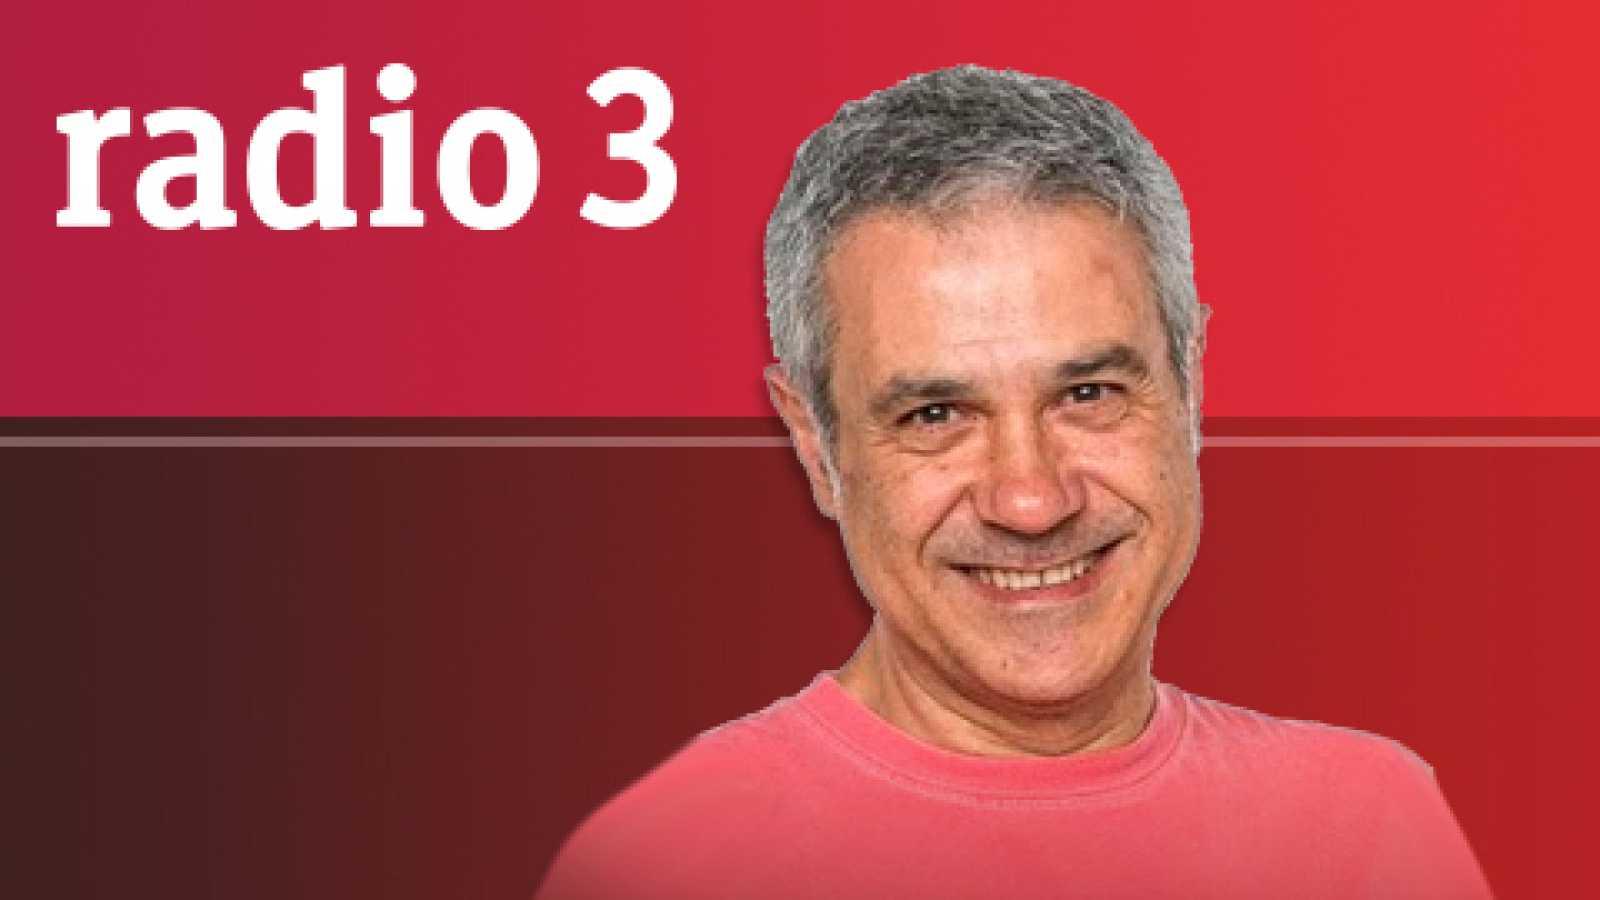 Duendeando - Con Chico Pérez - 20/04/19 - escuchar ahora